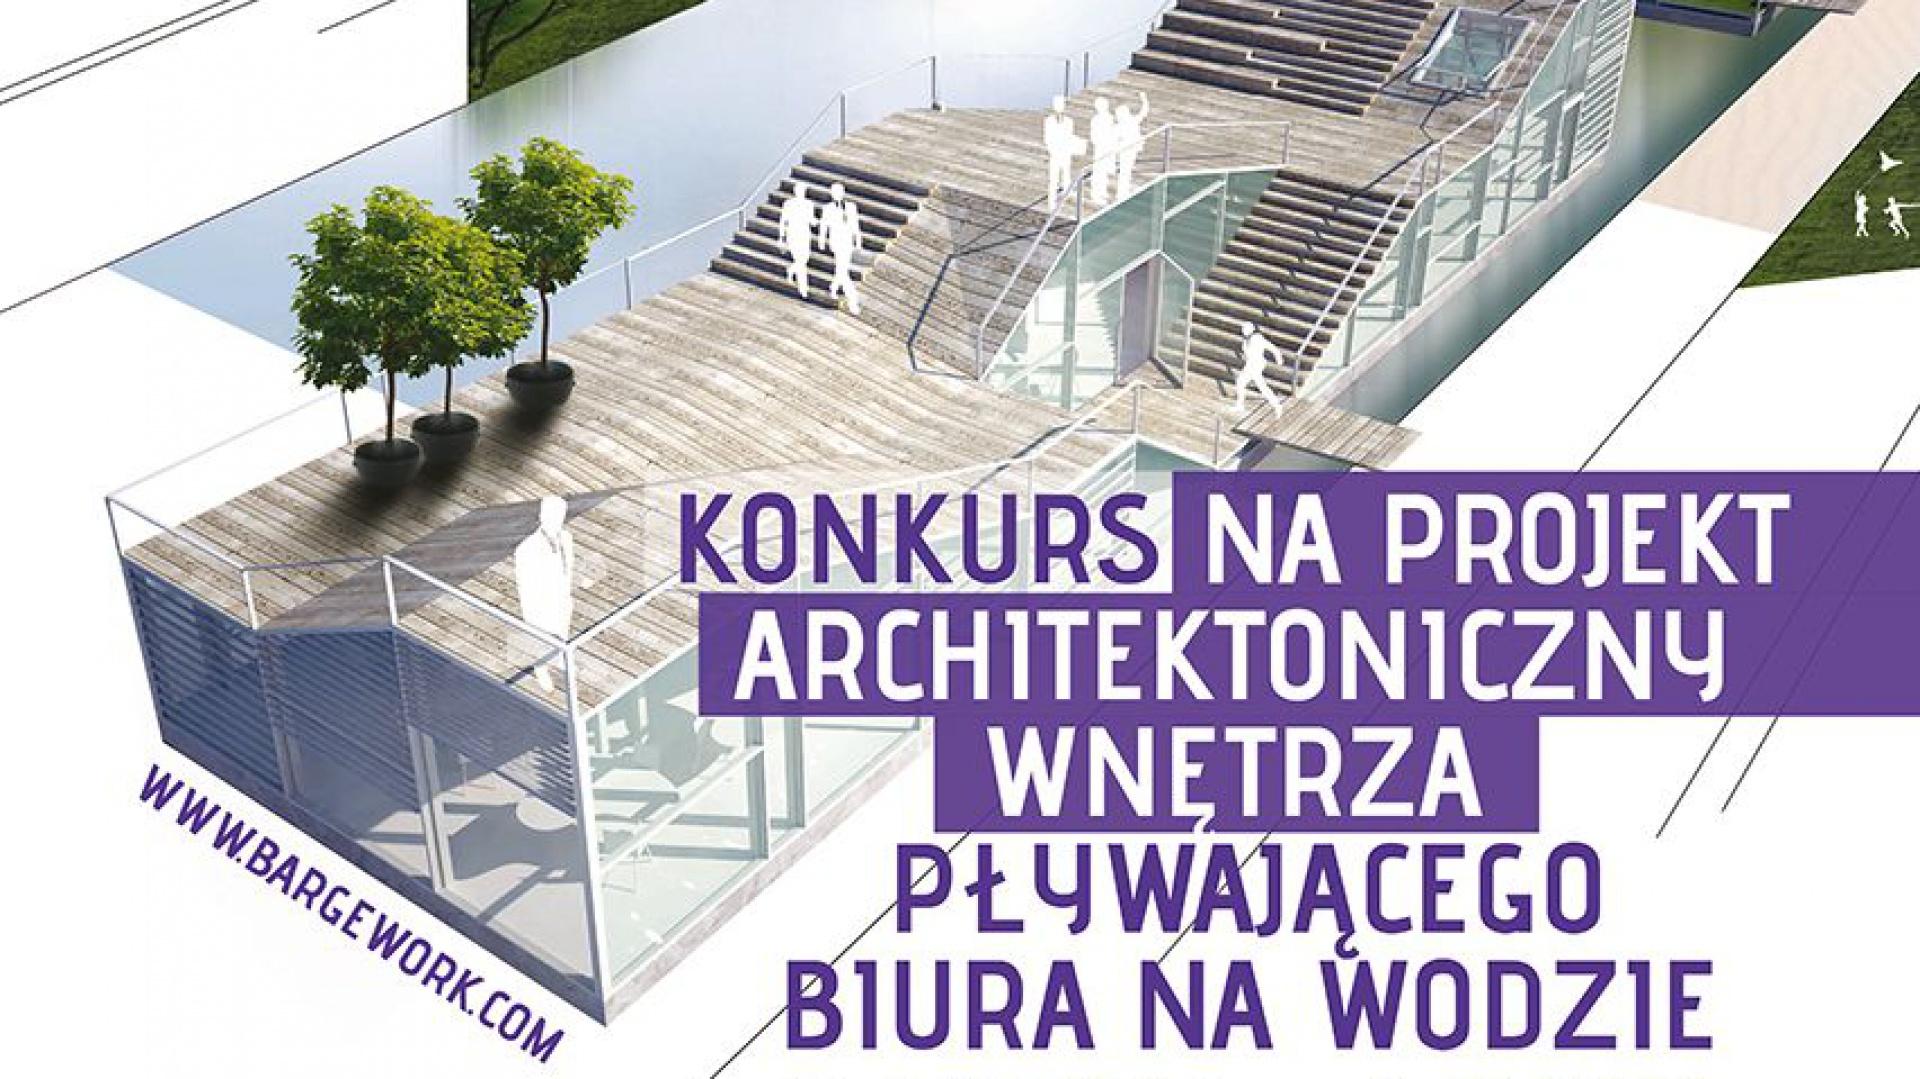 Bargework, biuro na wodzie, projekt wnętrza, konkurs dla architektów. Fot. Archiwum